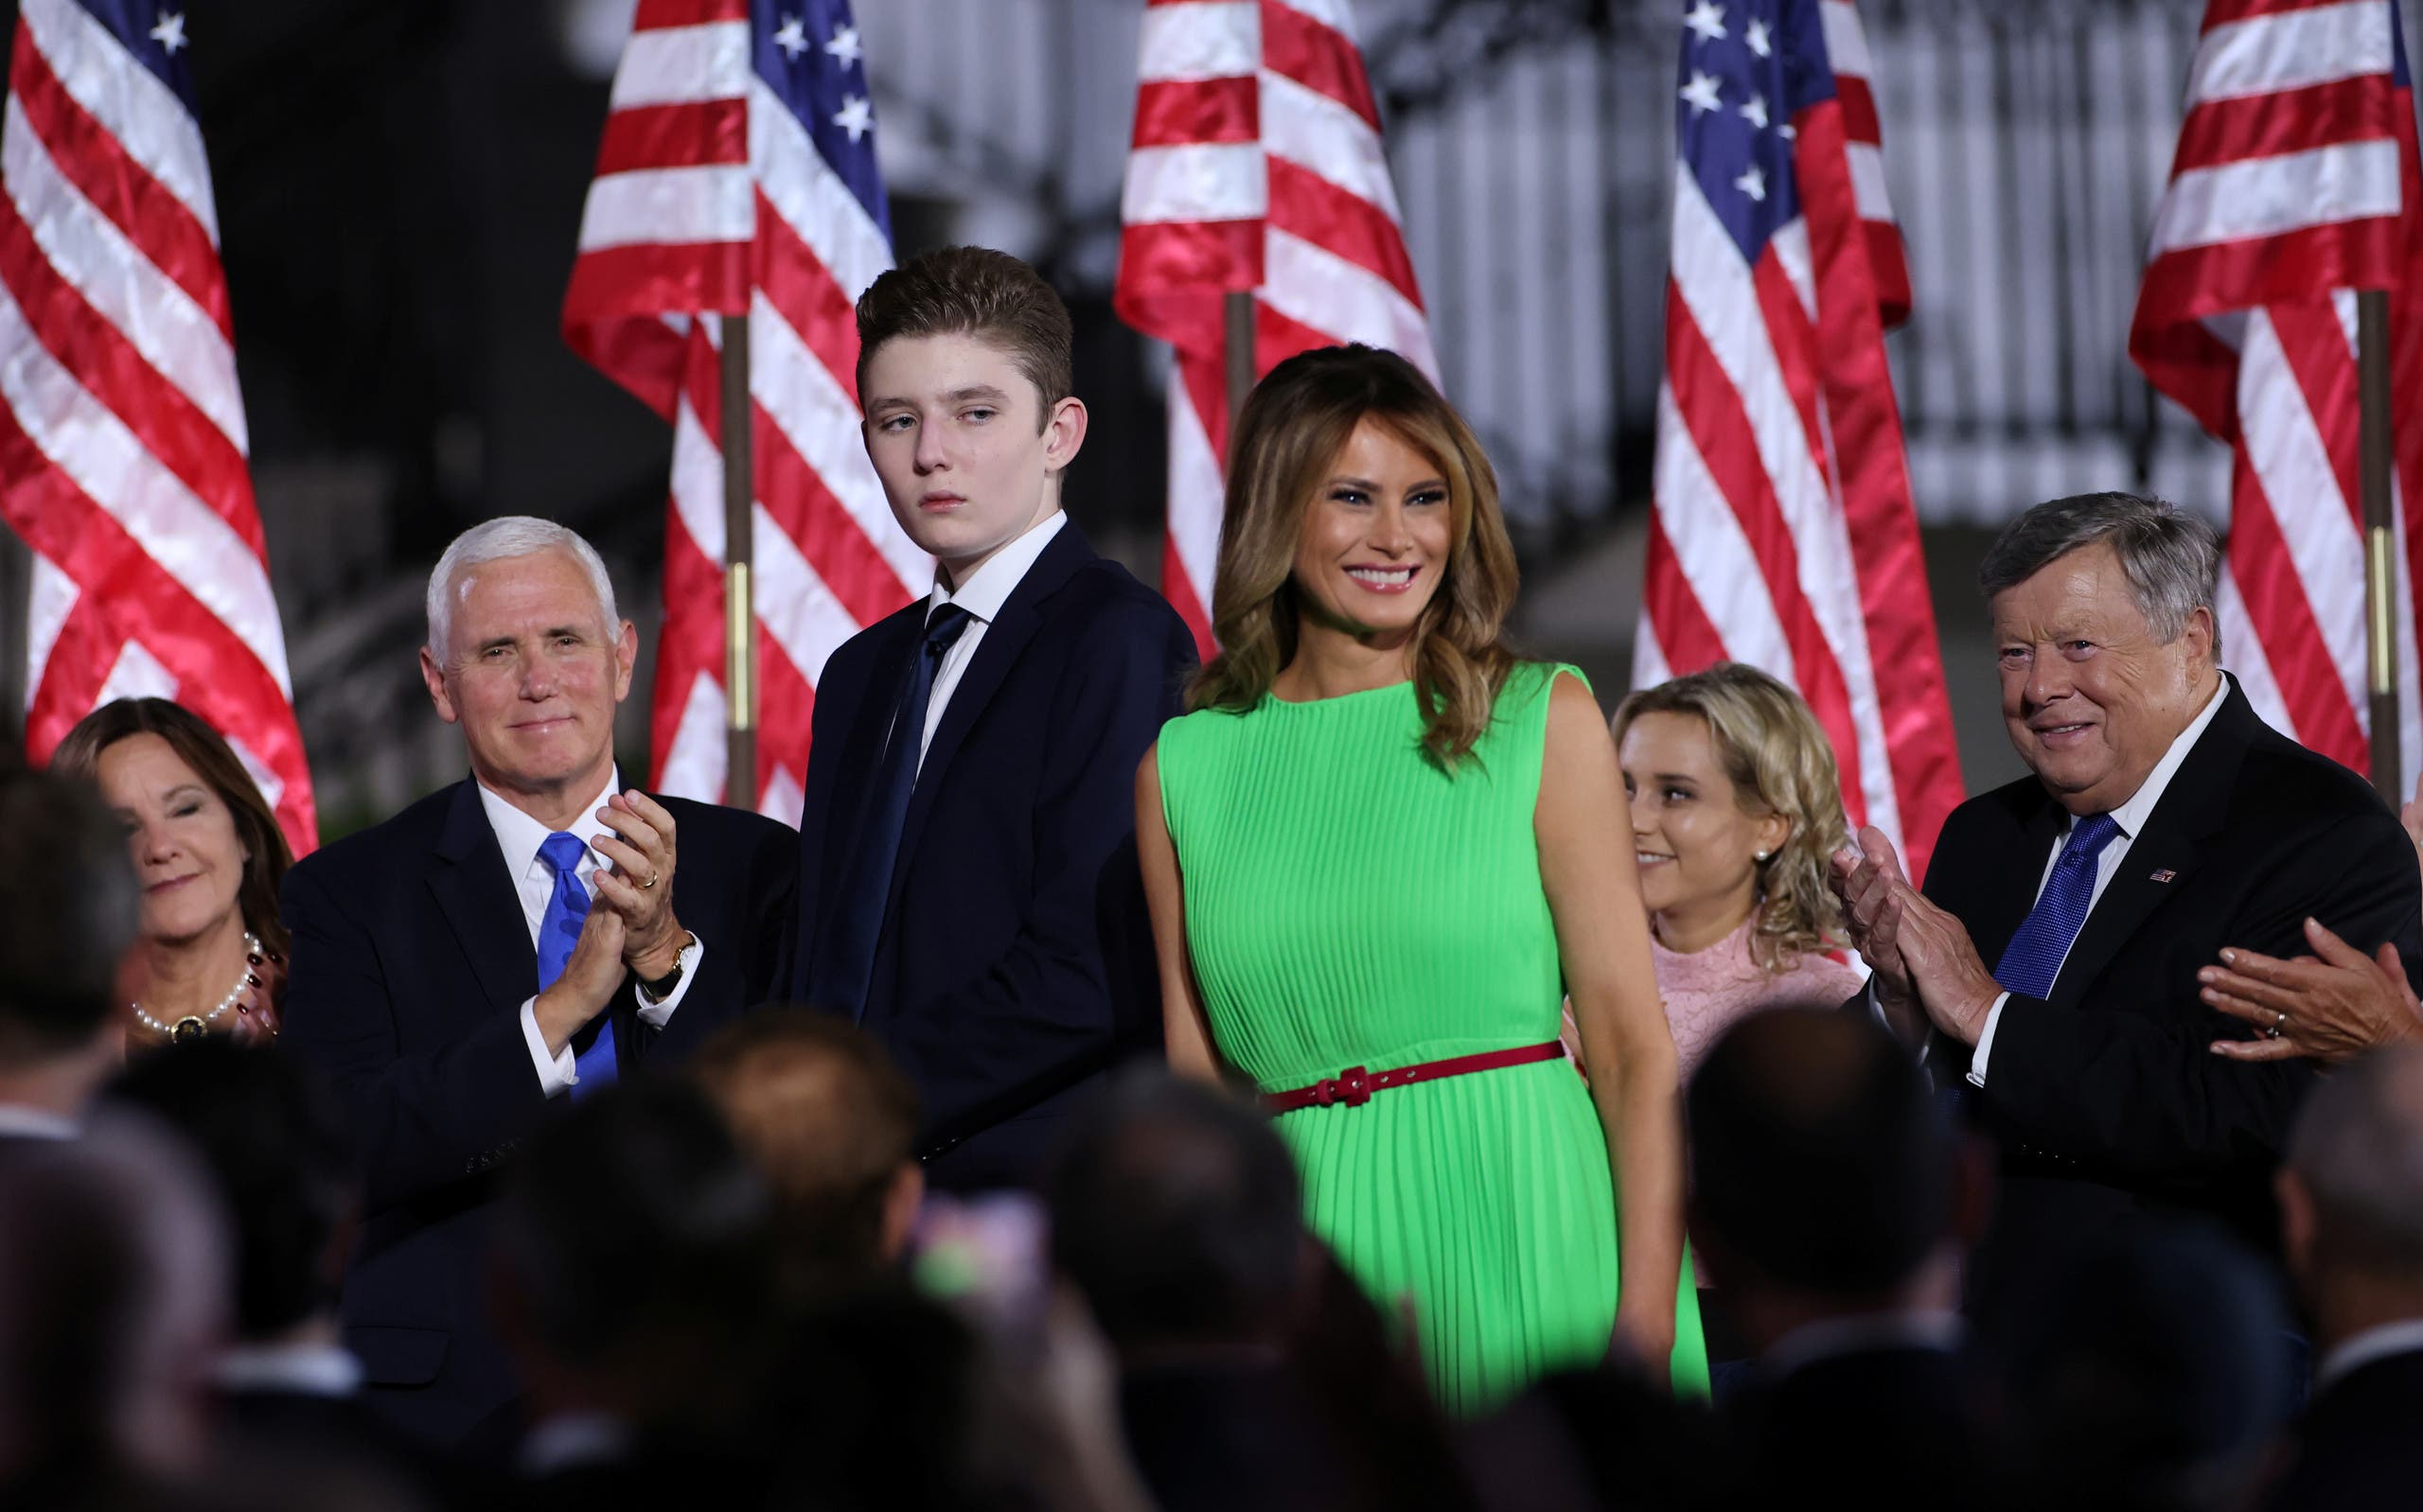 السيدة الأولى ميلانيا ترمب وابنها بارون ونائب الرئيس مايك بنس وزوجته أثناء المؤتمر